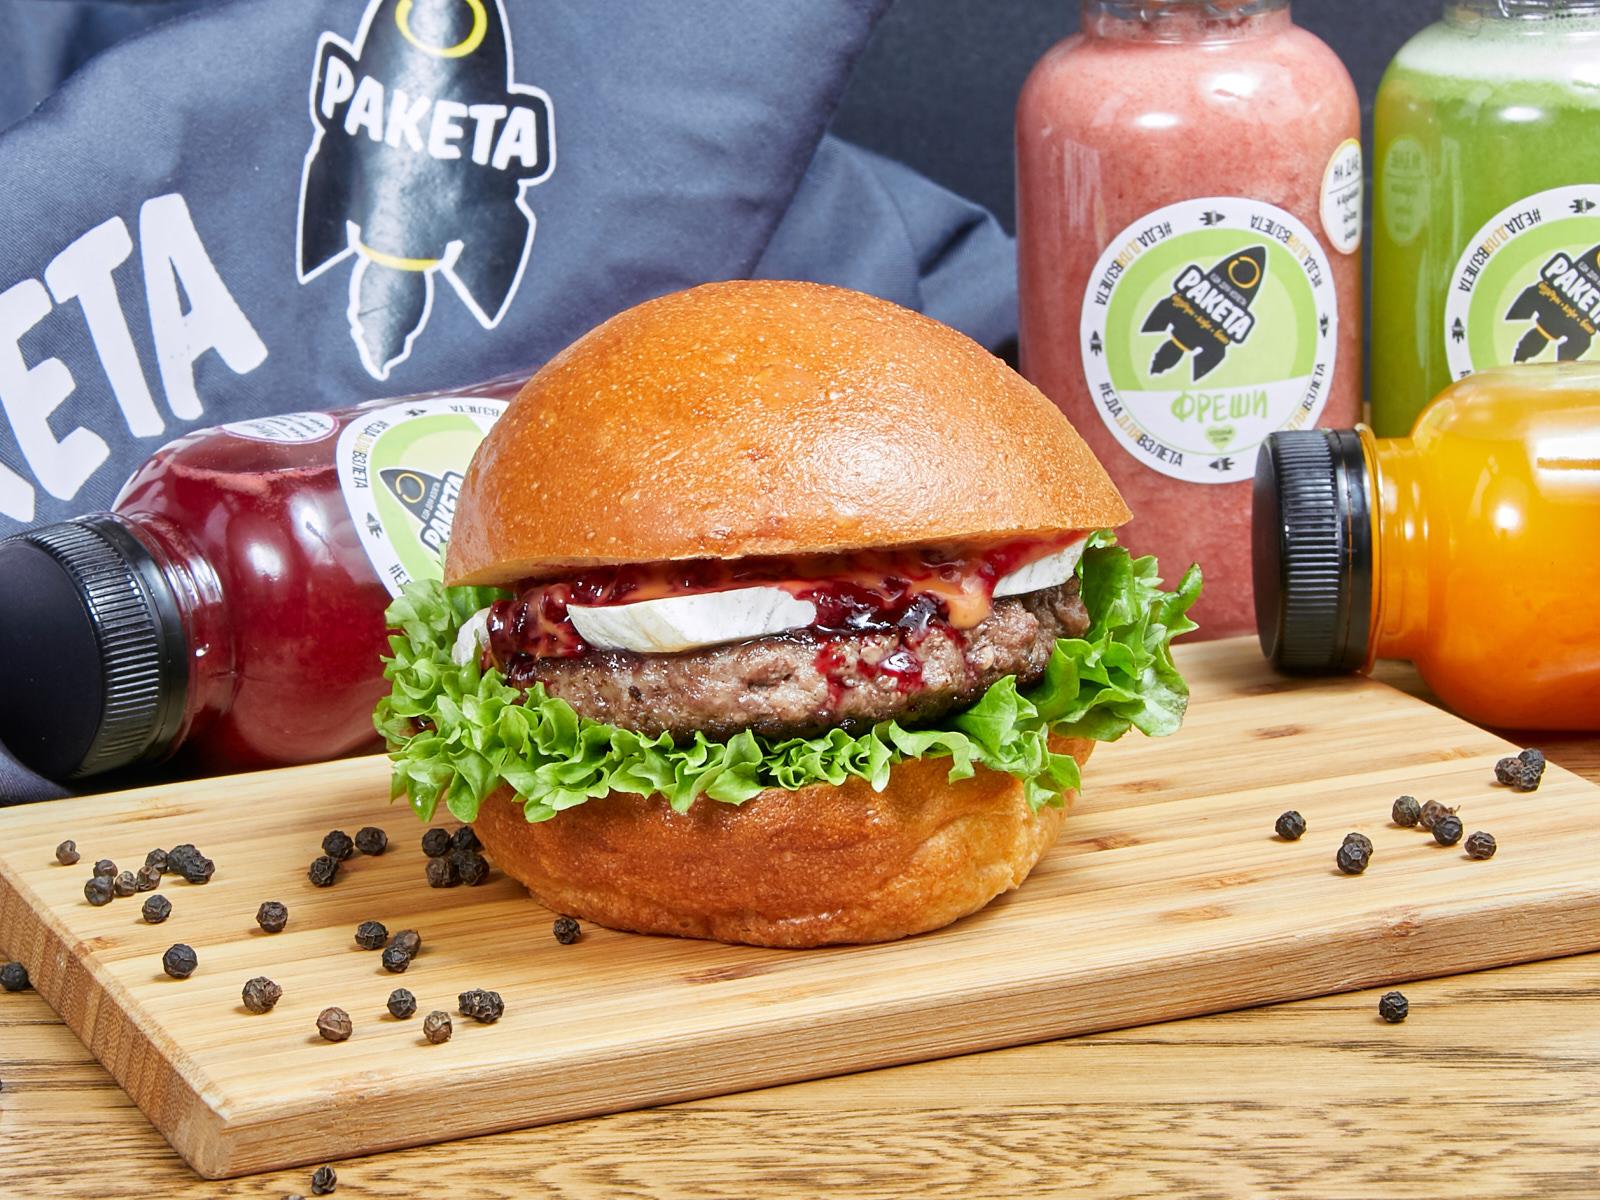 Бургер Брусничная галактика с сыром бри и брусничным соусом